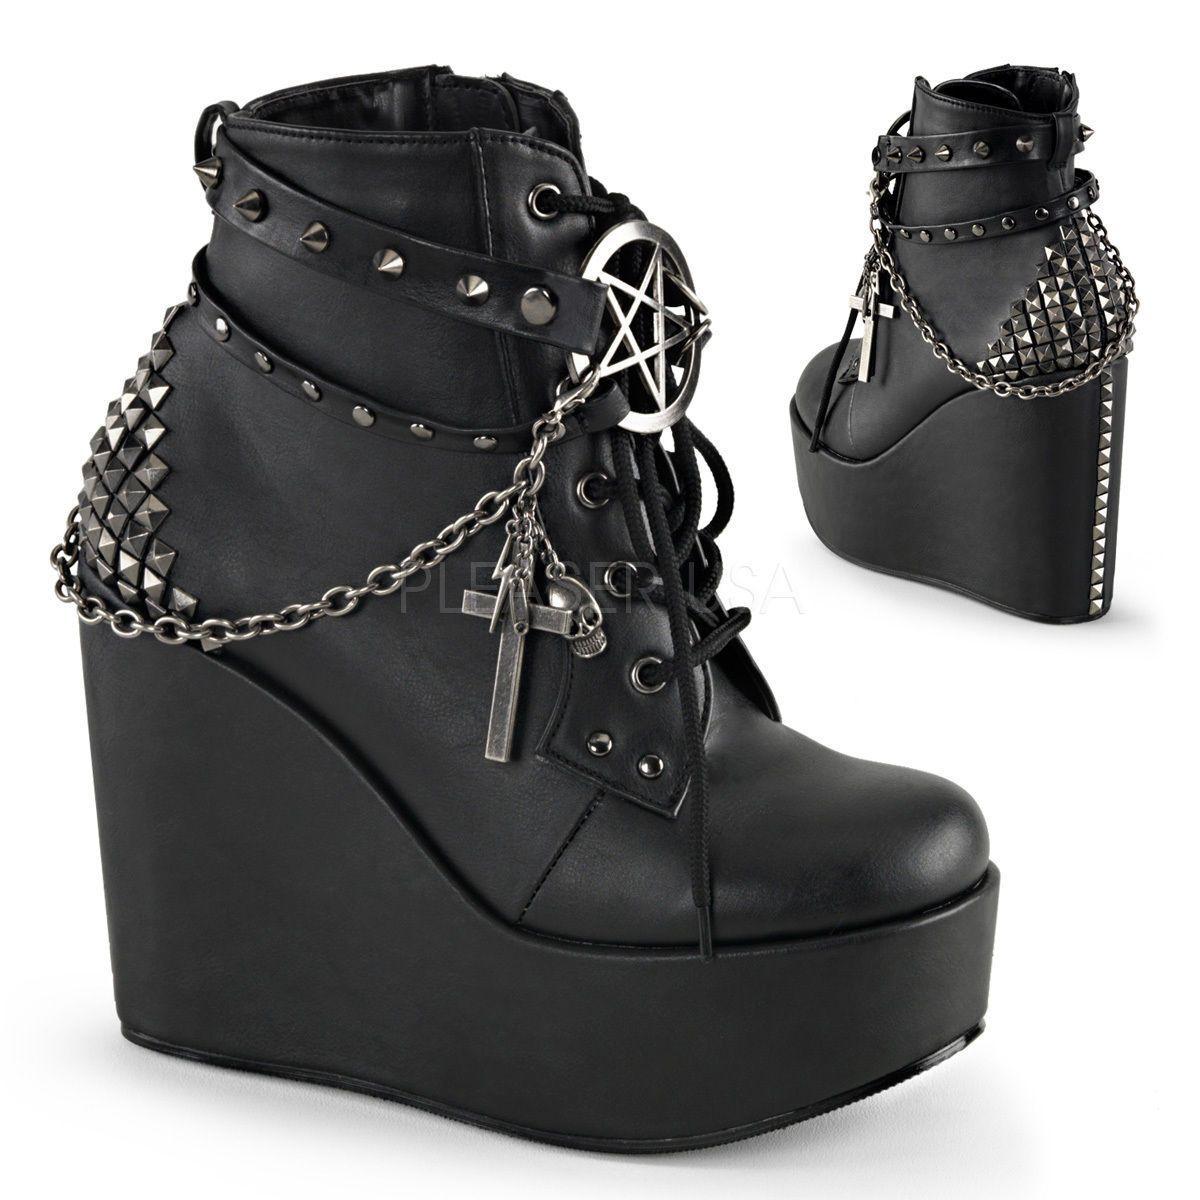 Demonia Stomp Chram Platform Ankle Boot Wedge Shoes 6-11 Burgundy Velvet